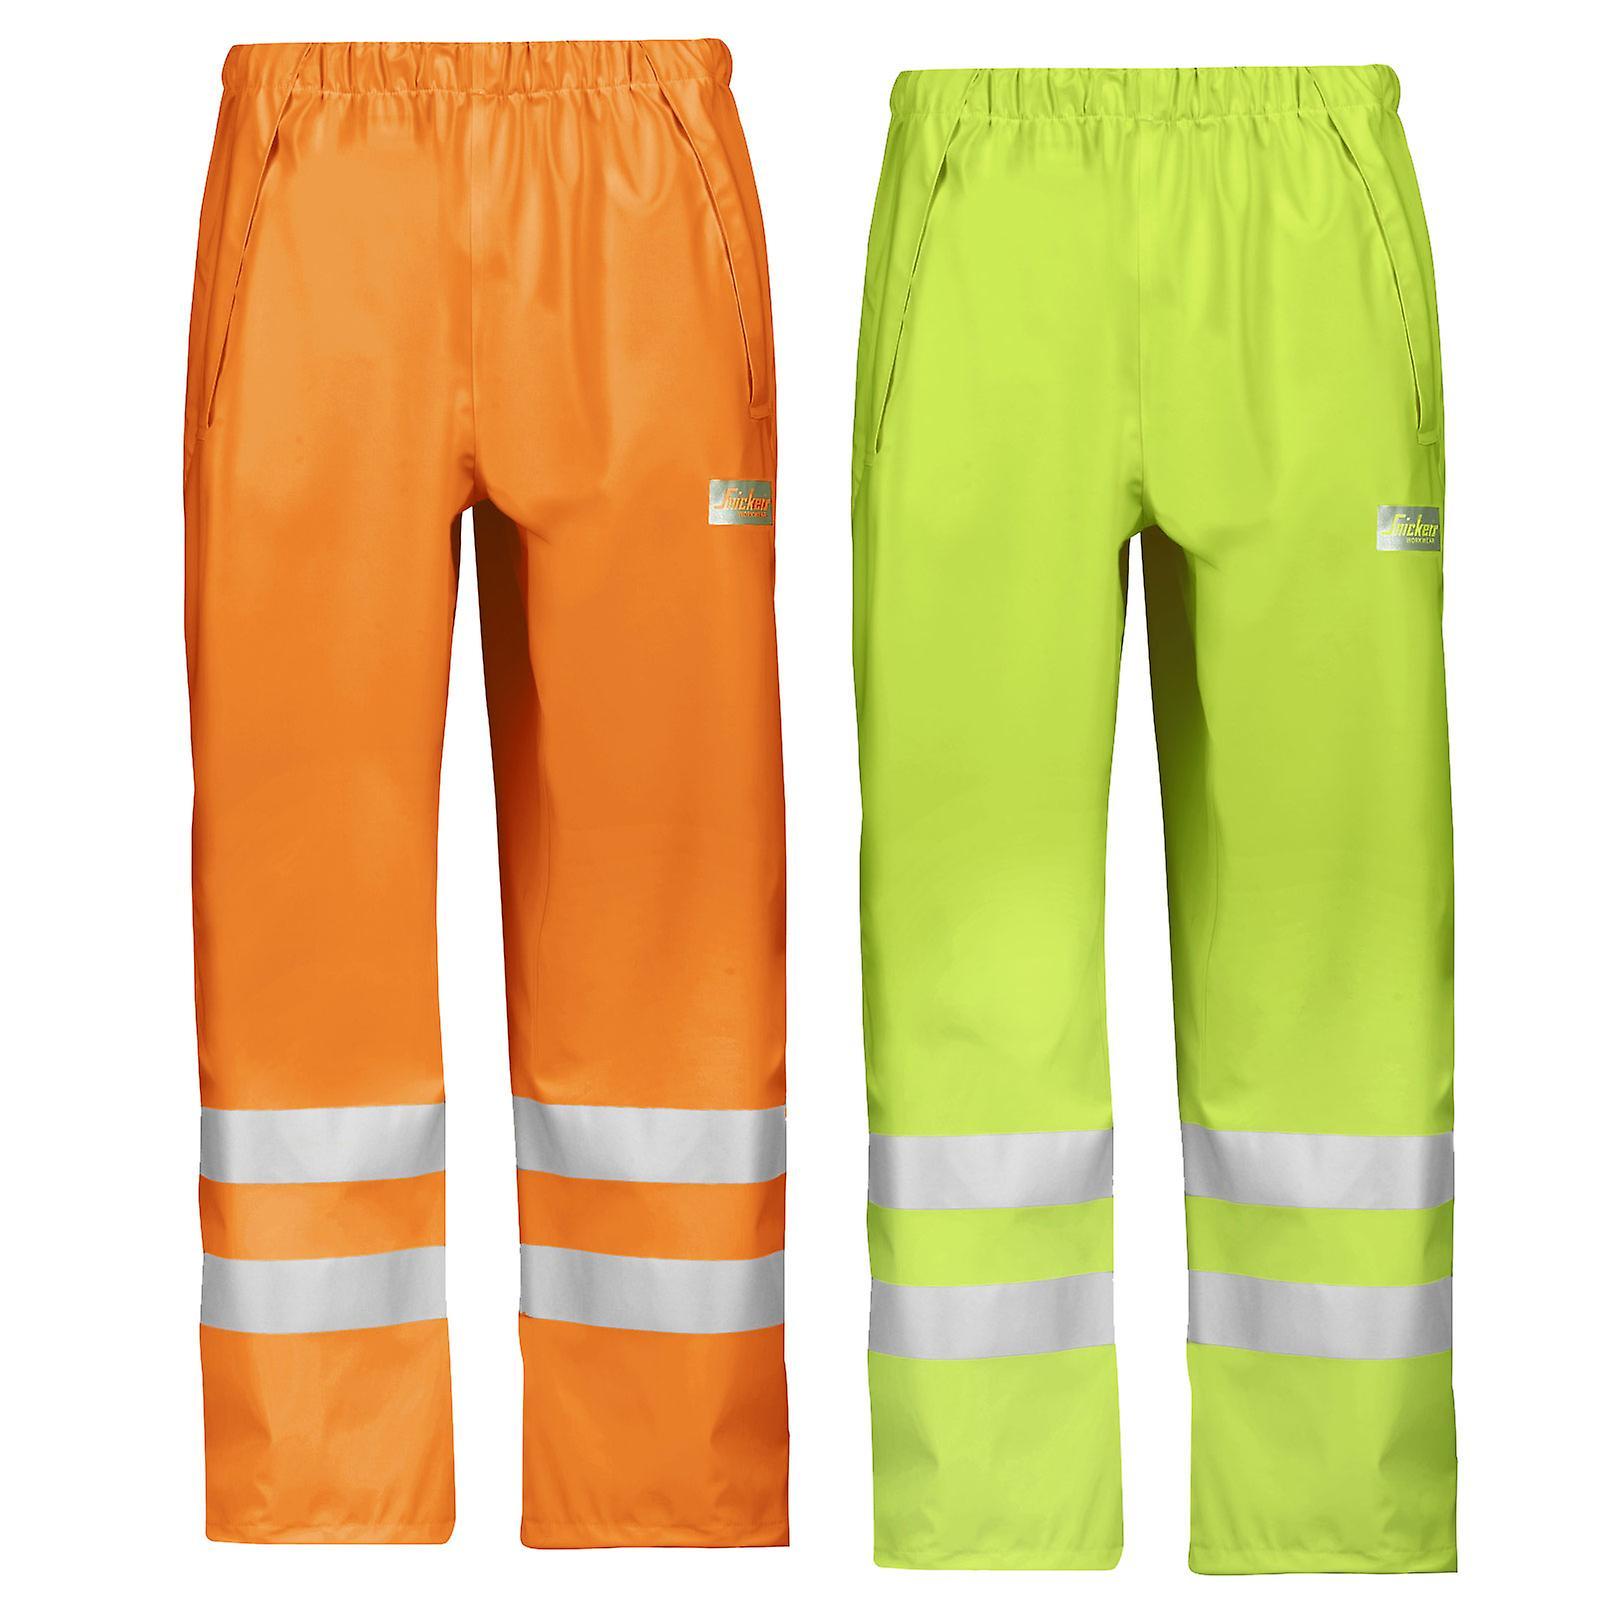 bdd3409a Snickers arbejdstøj Hej Vis vandtæt regn bukser (letvægts) klasse 2-8243